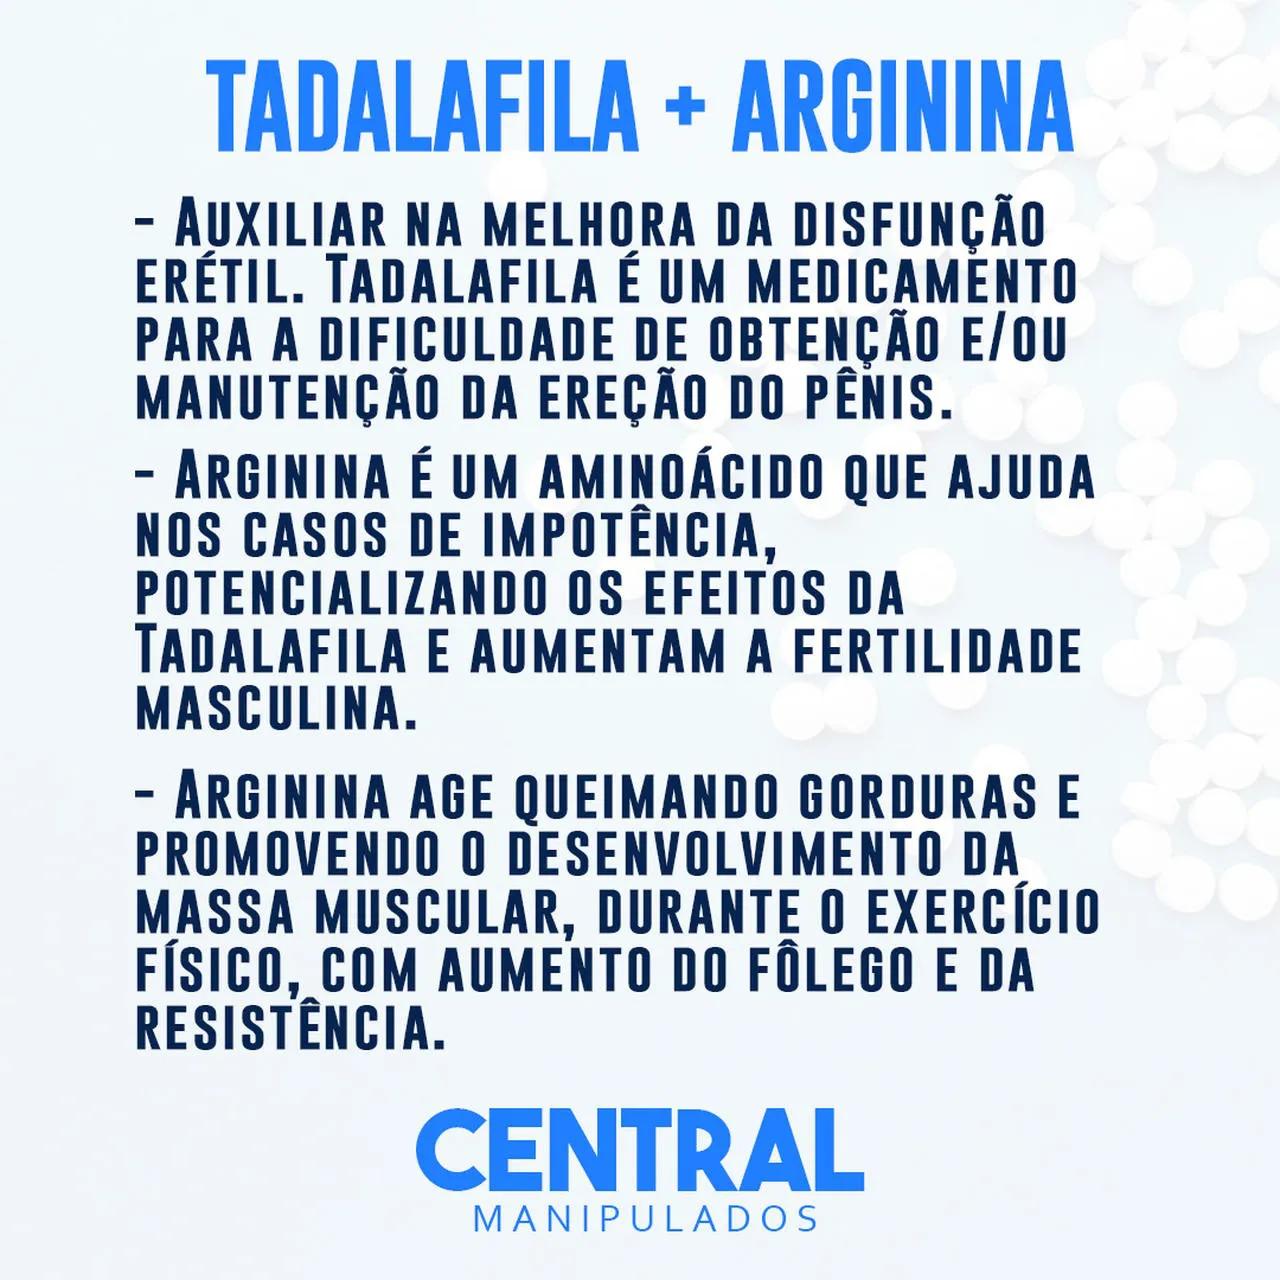 Tadalafila 10mg 30 Cápsulas + Arginina 300mg 30 Cápsulas - Vasodilatação e Ereção